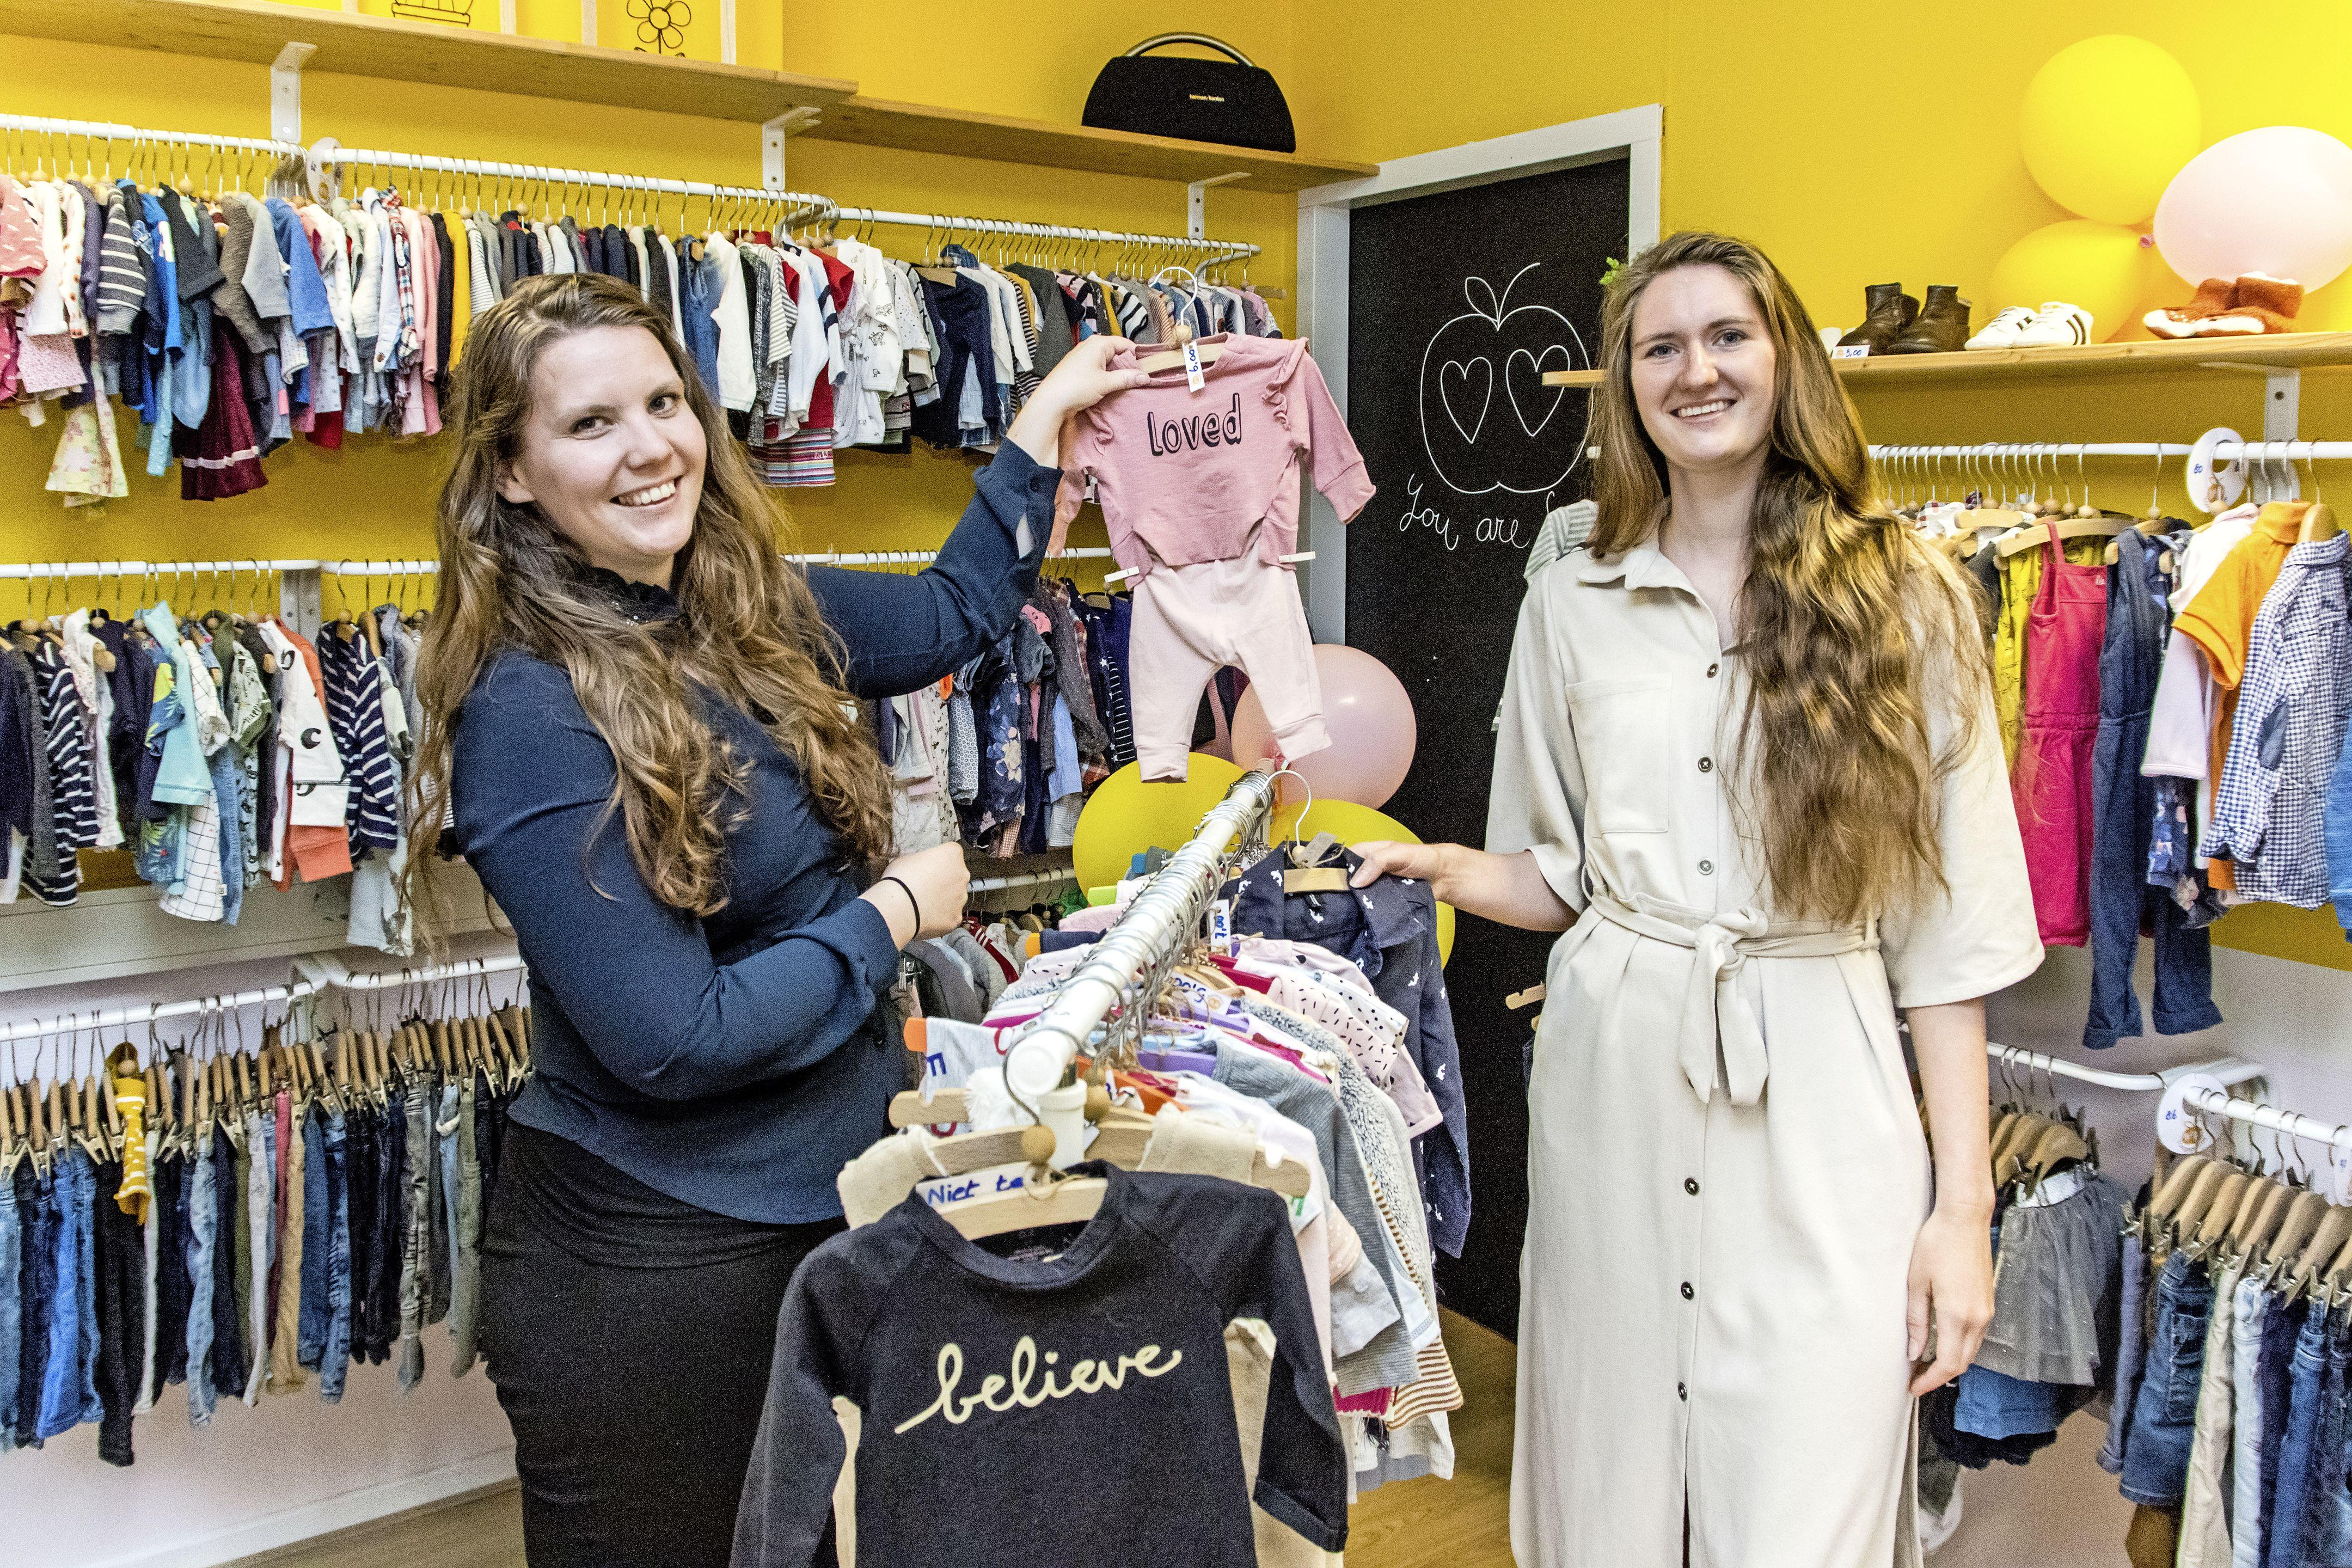 't Oogappeltje verkoopt tweedehands kinderkleding. 'We hopen dat deze plek uitgroeit tot ontmoetingsplaats voor moeders en kinderen.'